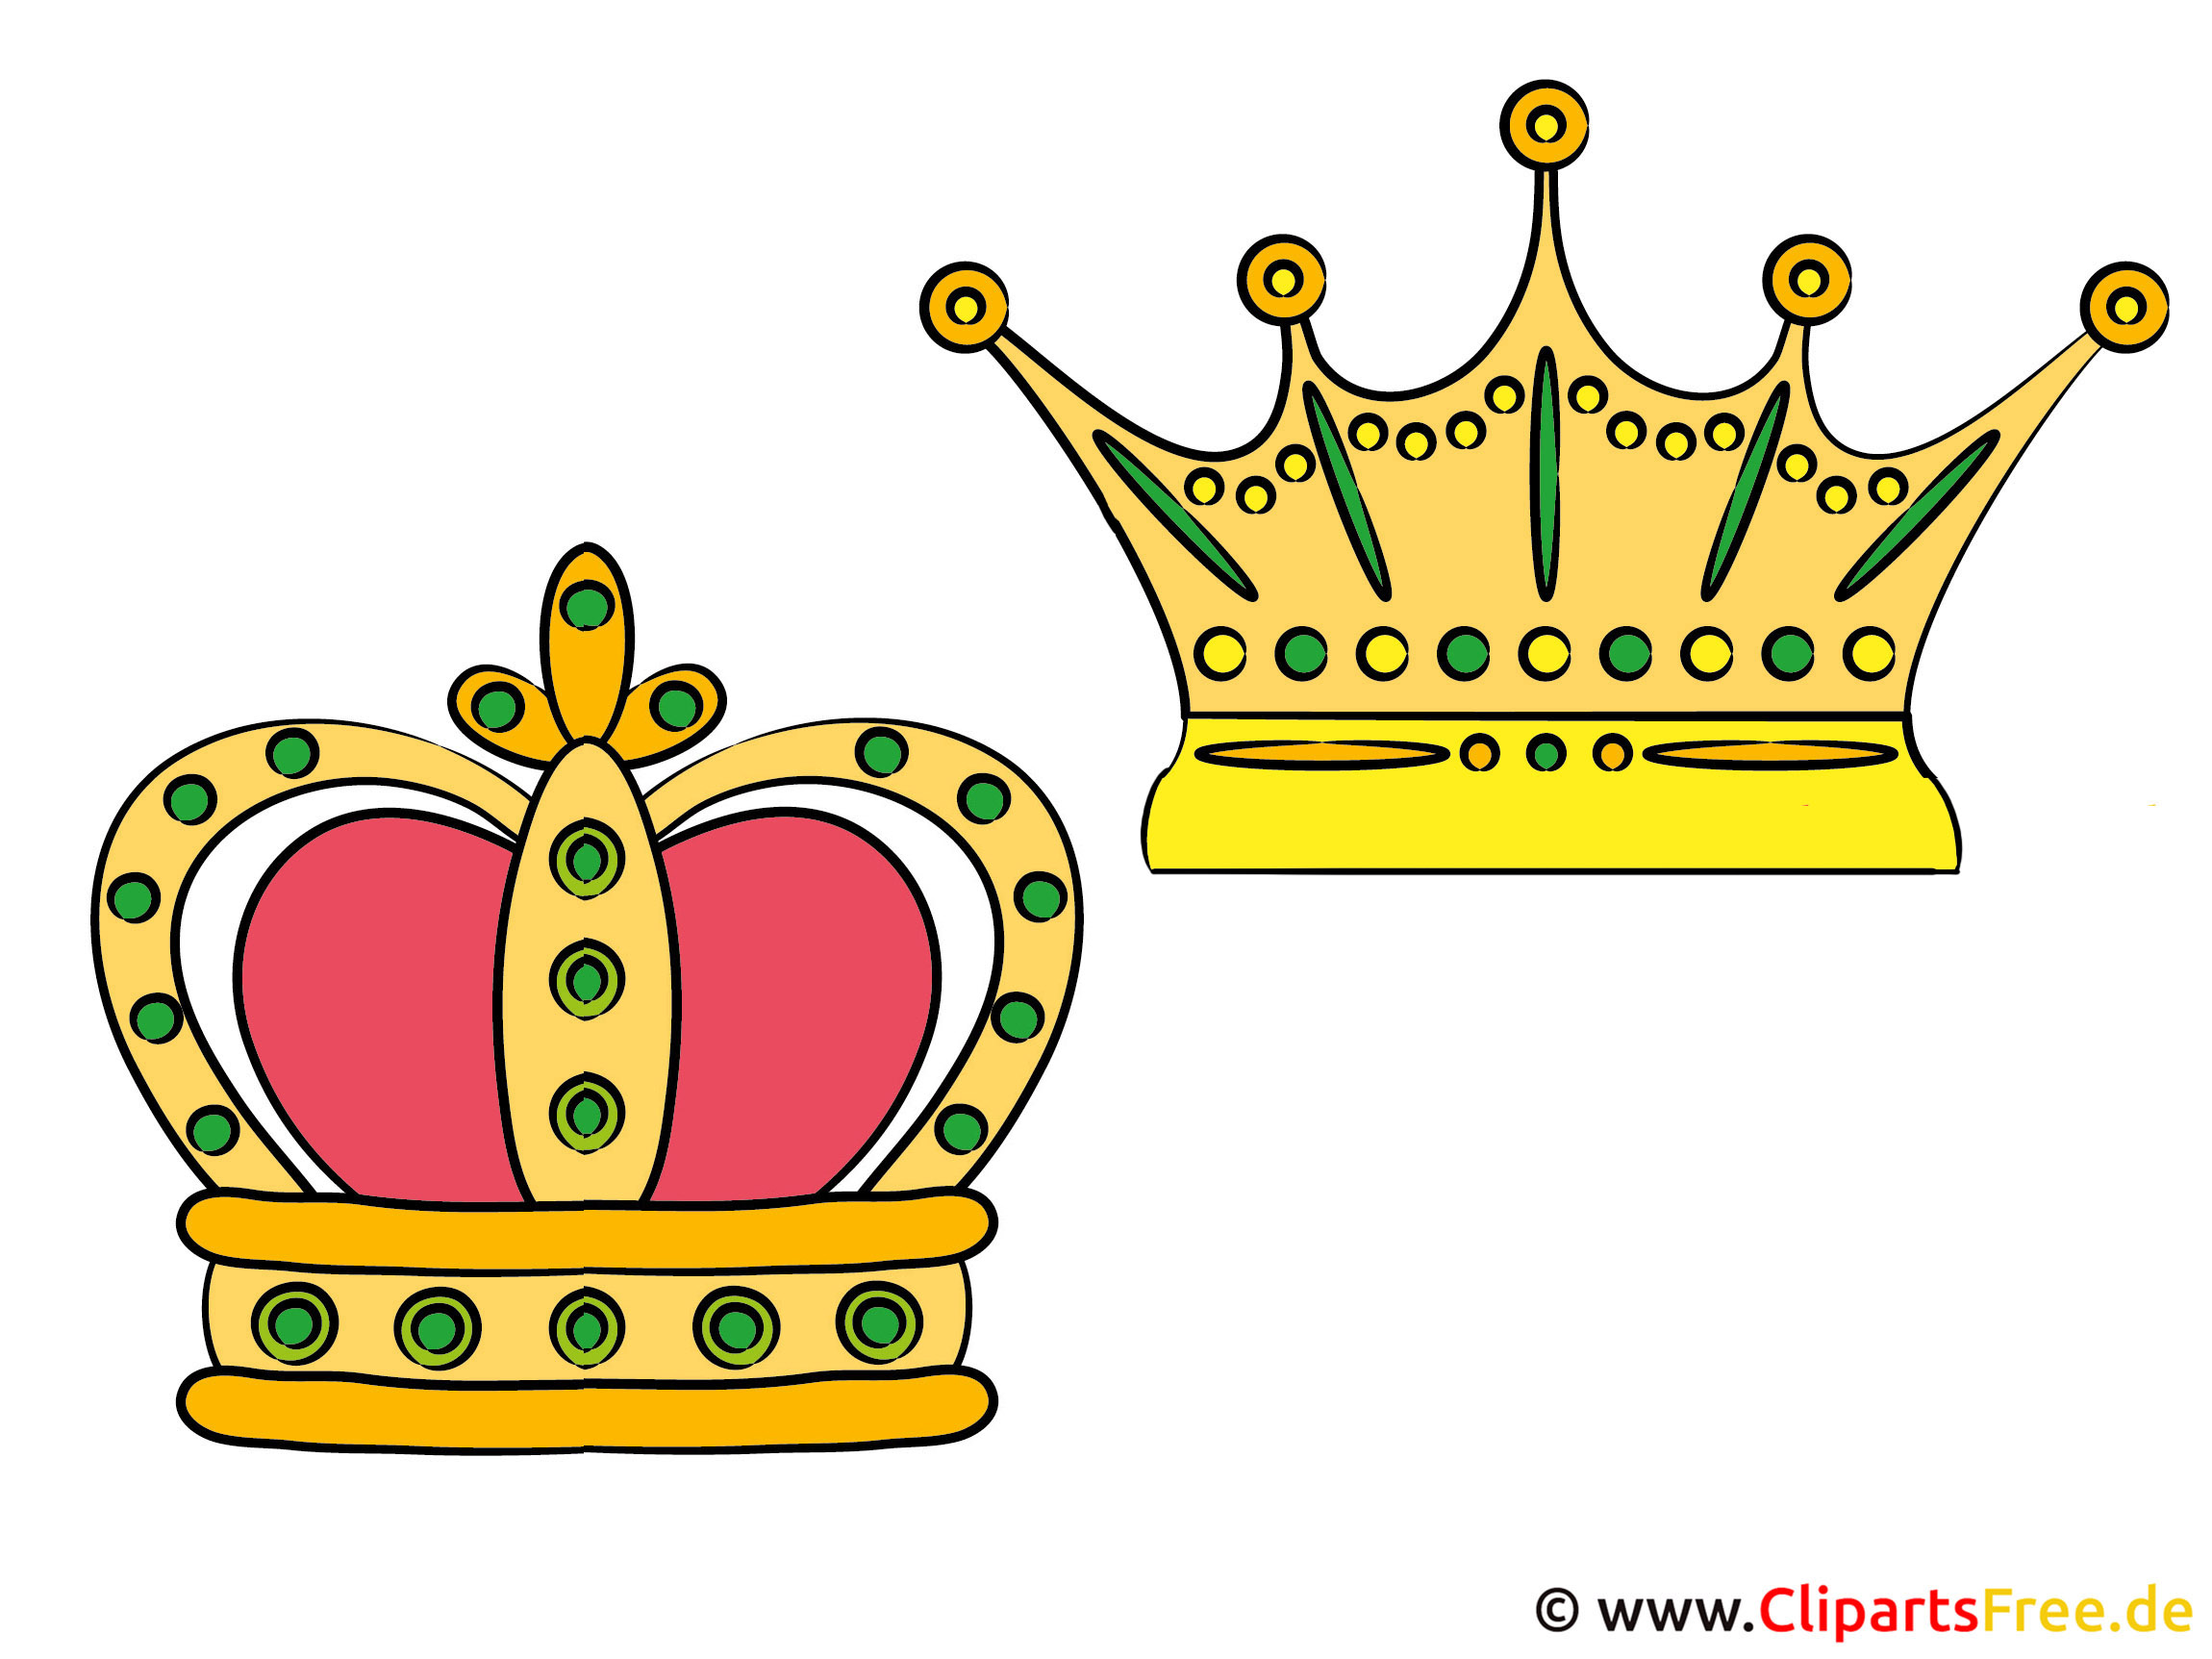 Bild Krone